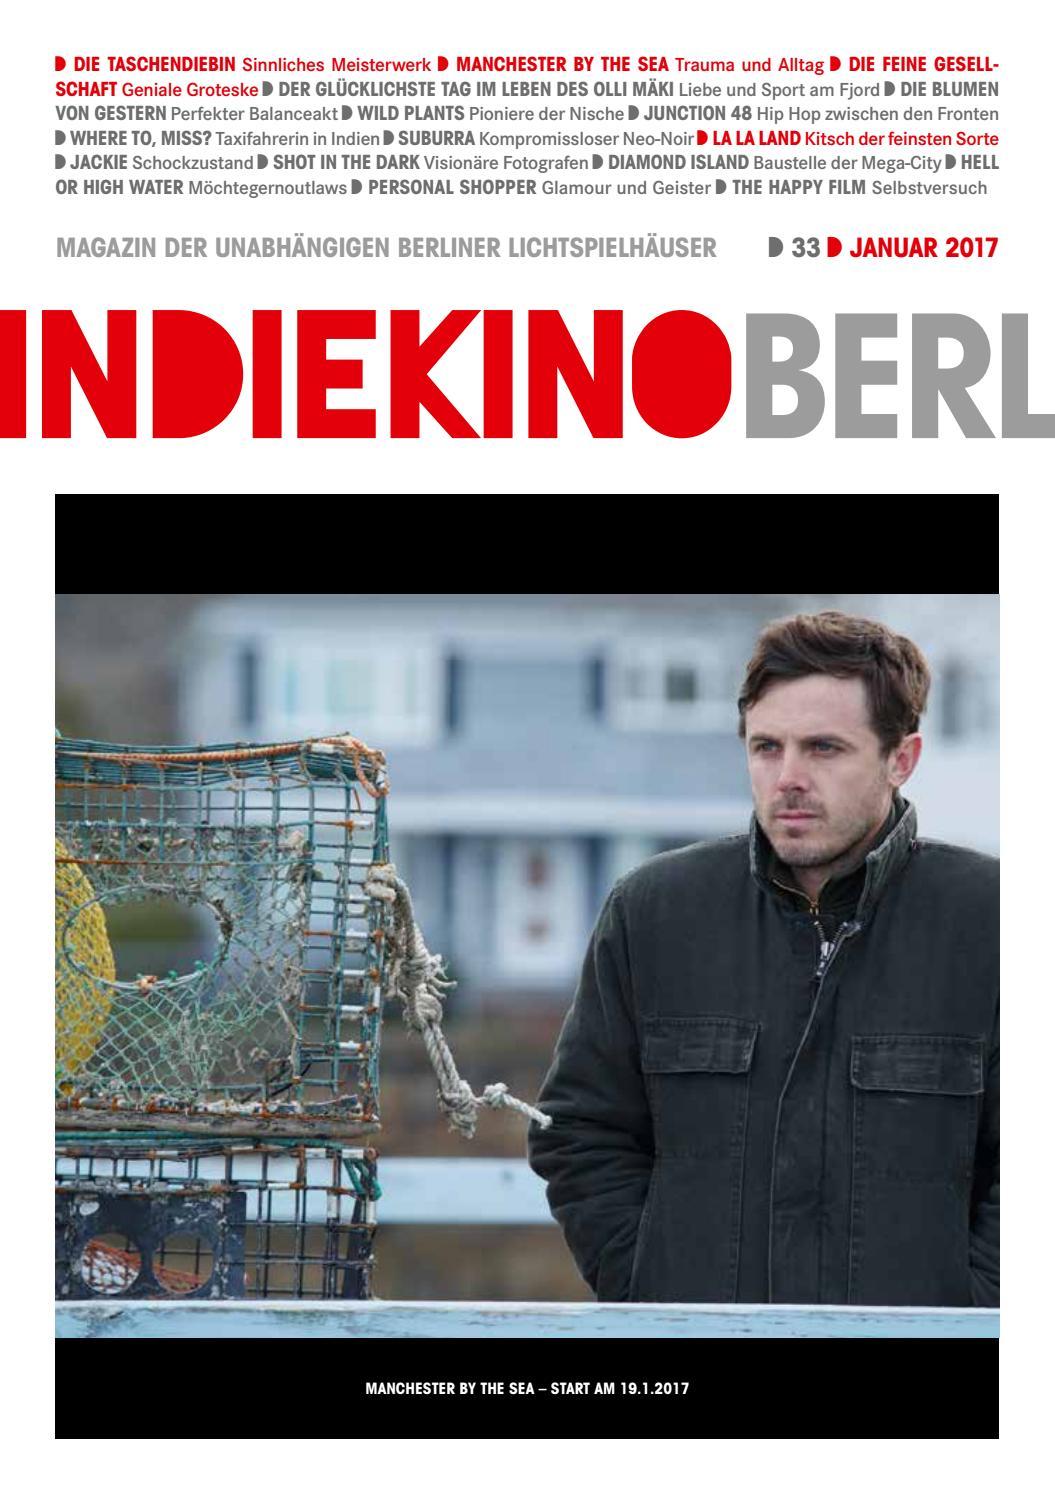 """Einen Tipp für Bürger hat Herberg zudem: """"Wer einen toten Greifvogel entdeckt, sollte dies."""